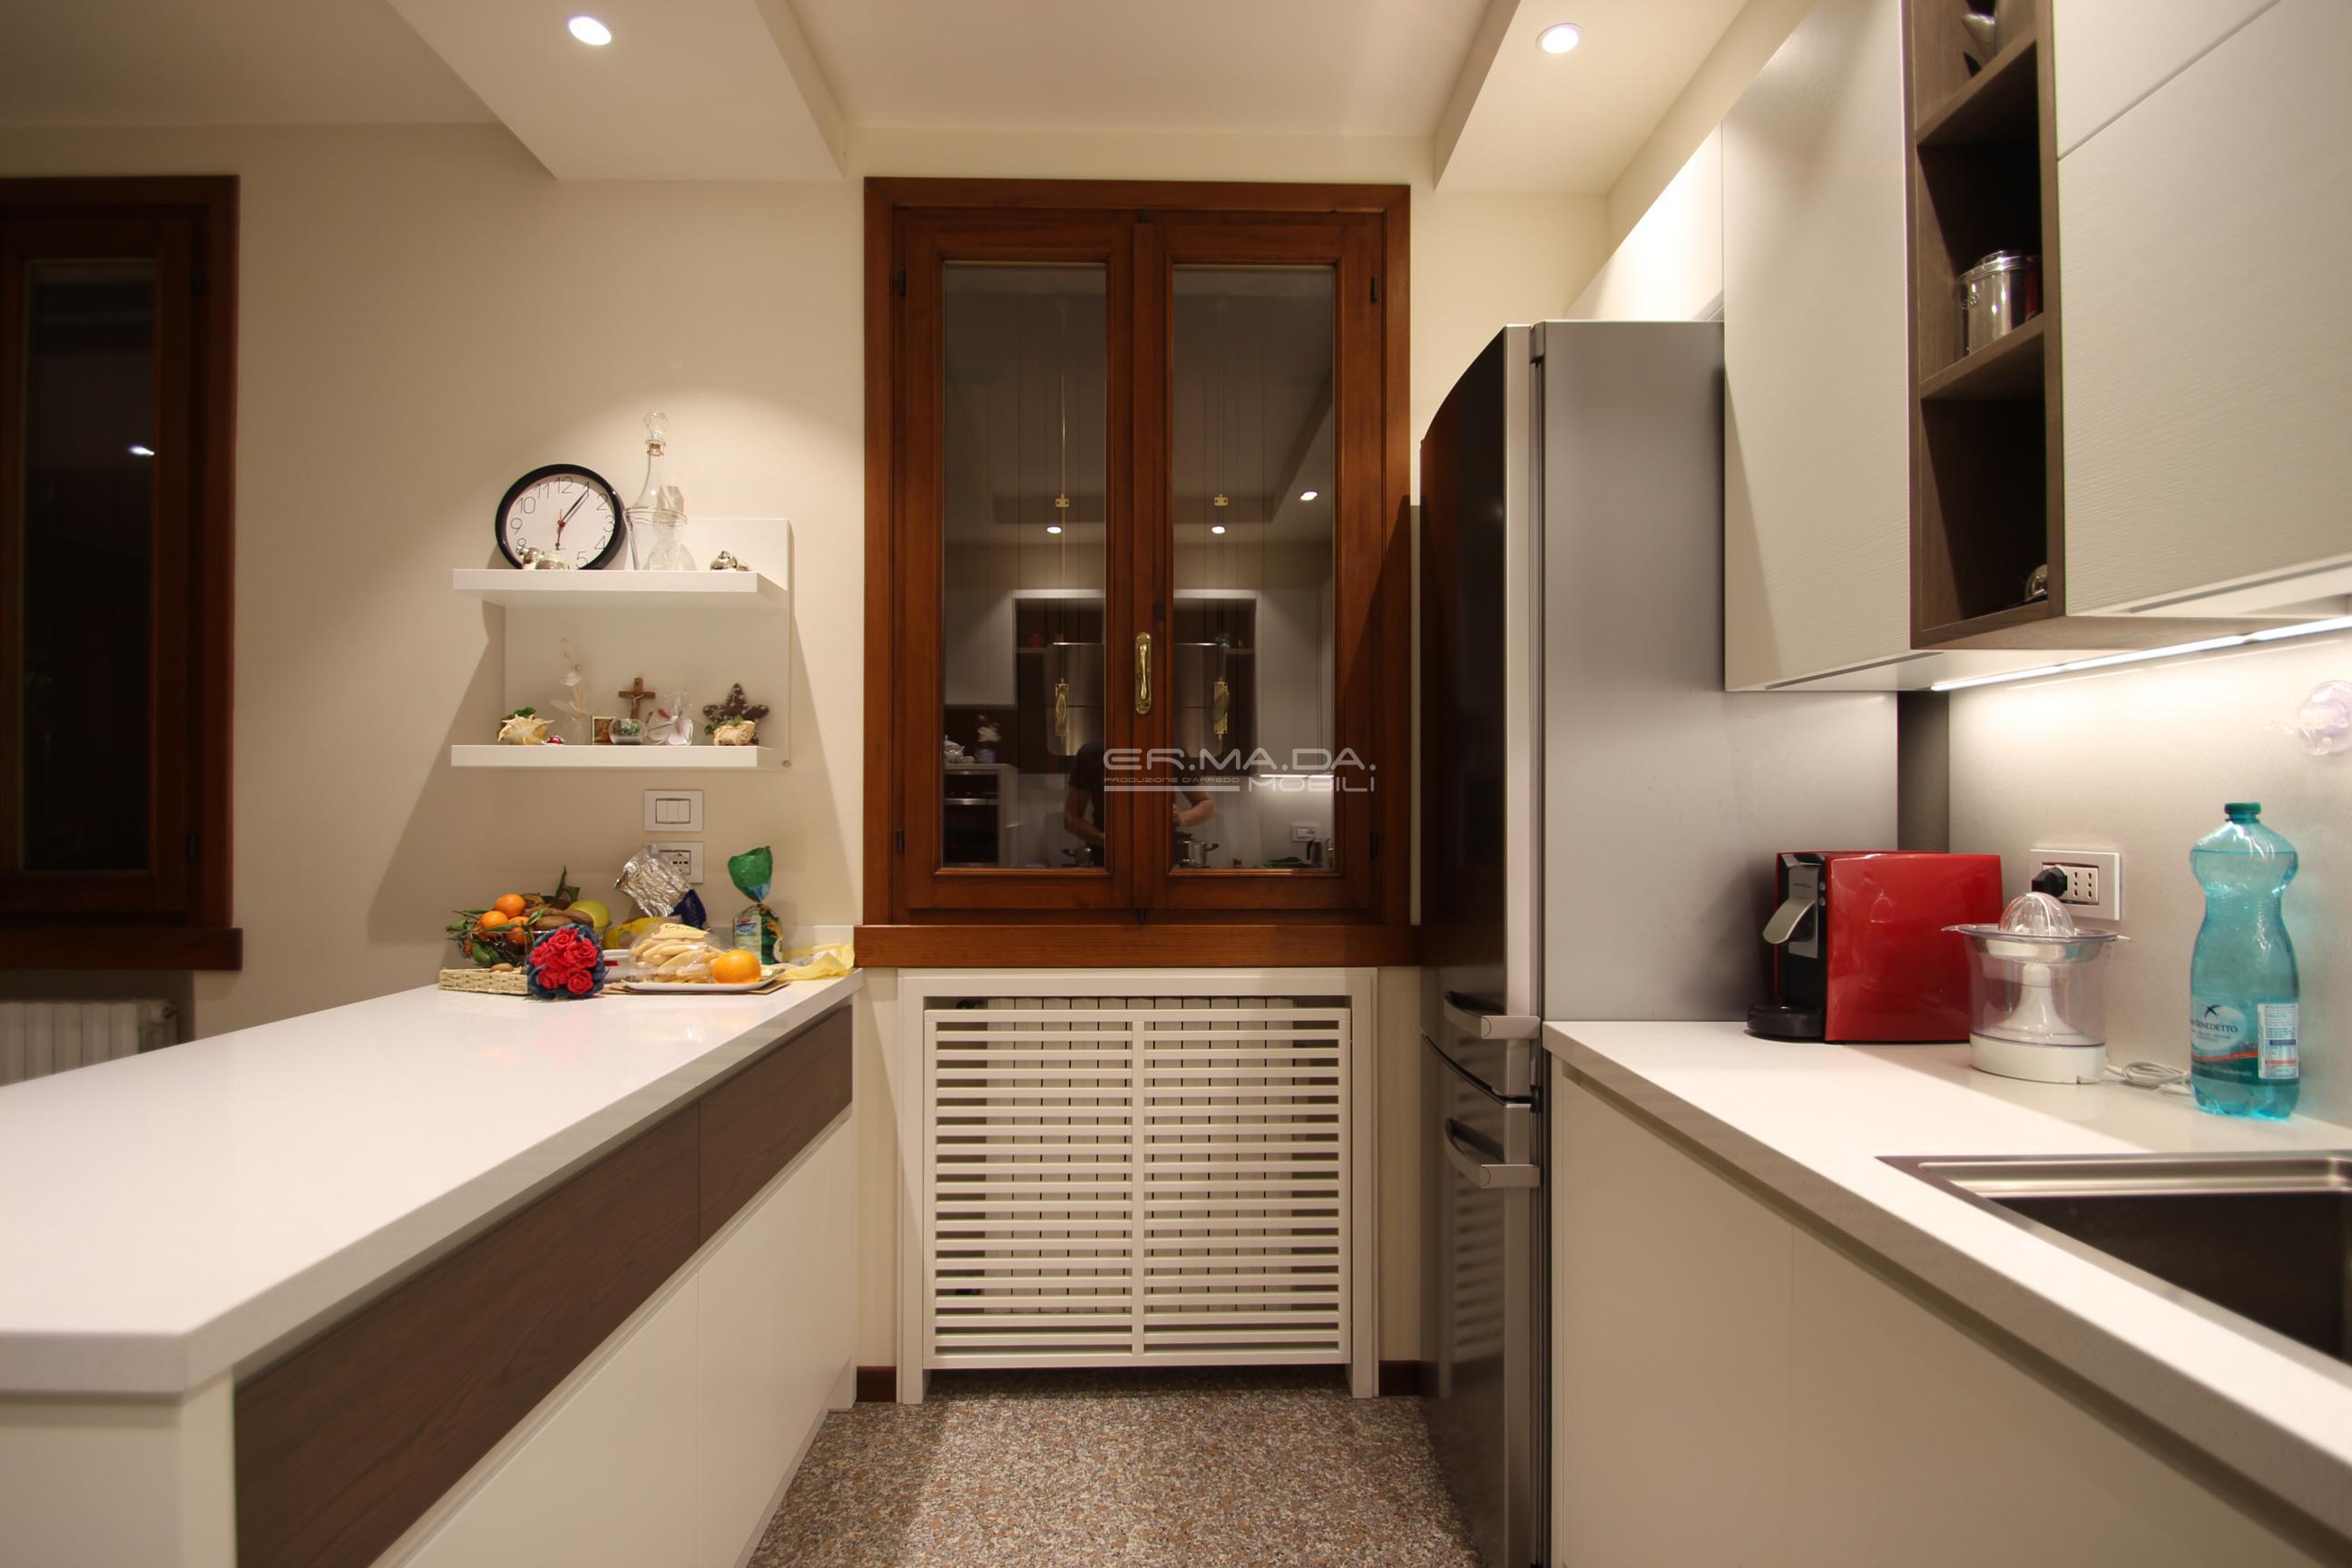 Pulizia Mobili Cucina Legno : Pulire cucina legno laccato manutenzione superfici e ante cucinesse